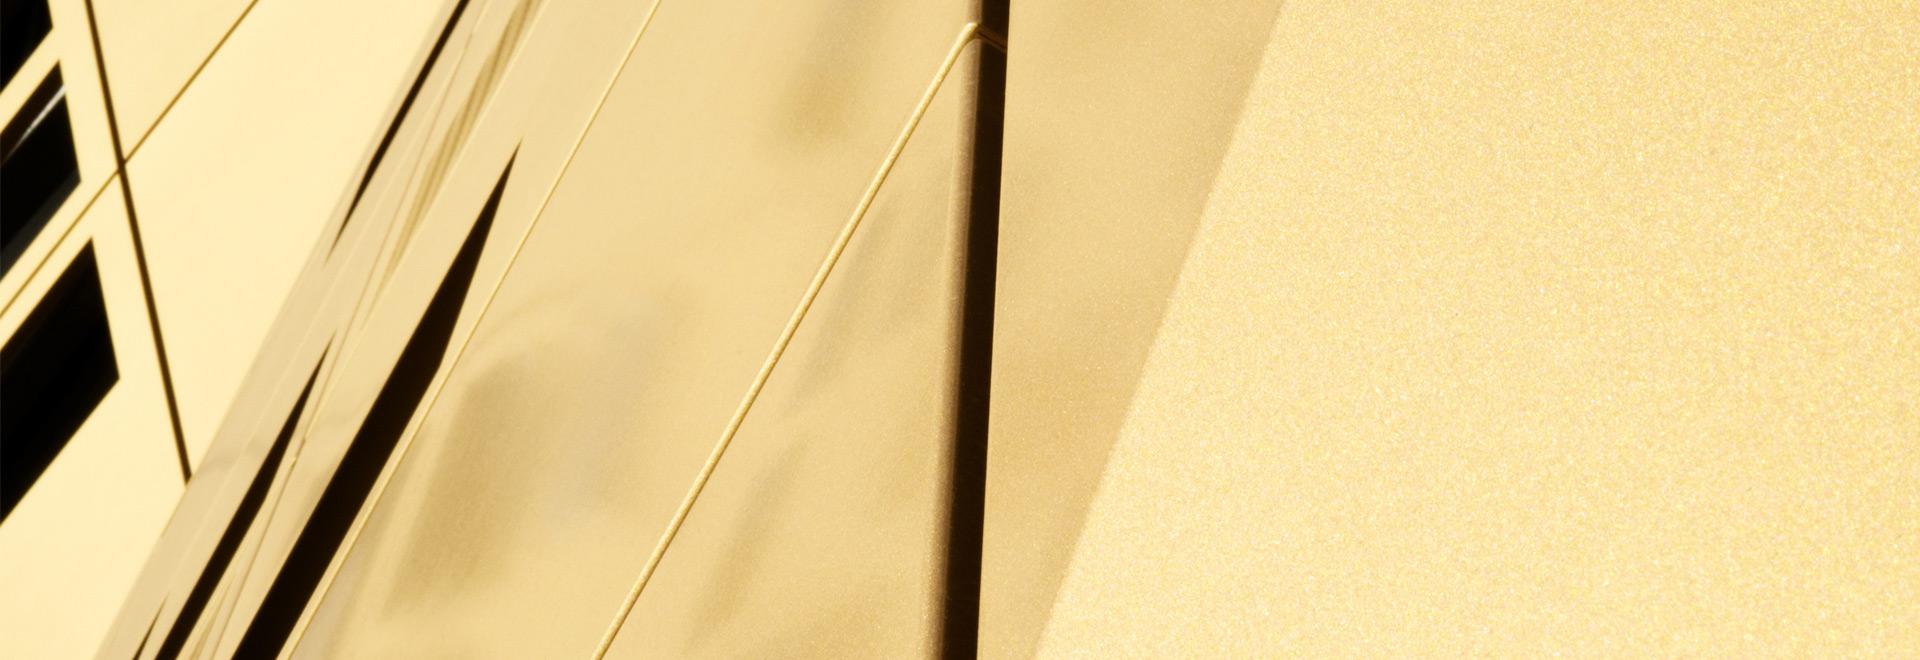 Detailaufnahme einer goldenen Duraflon-Oberfläche